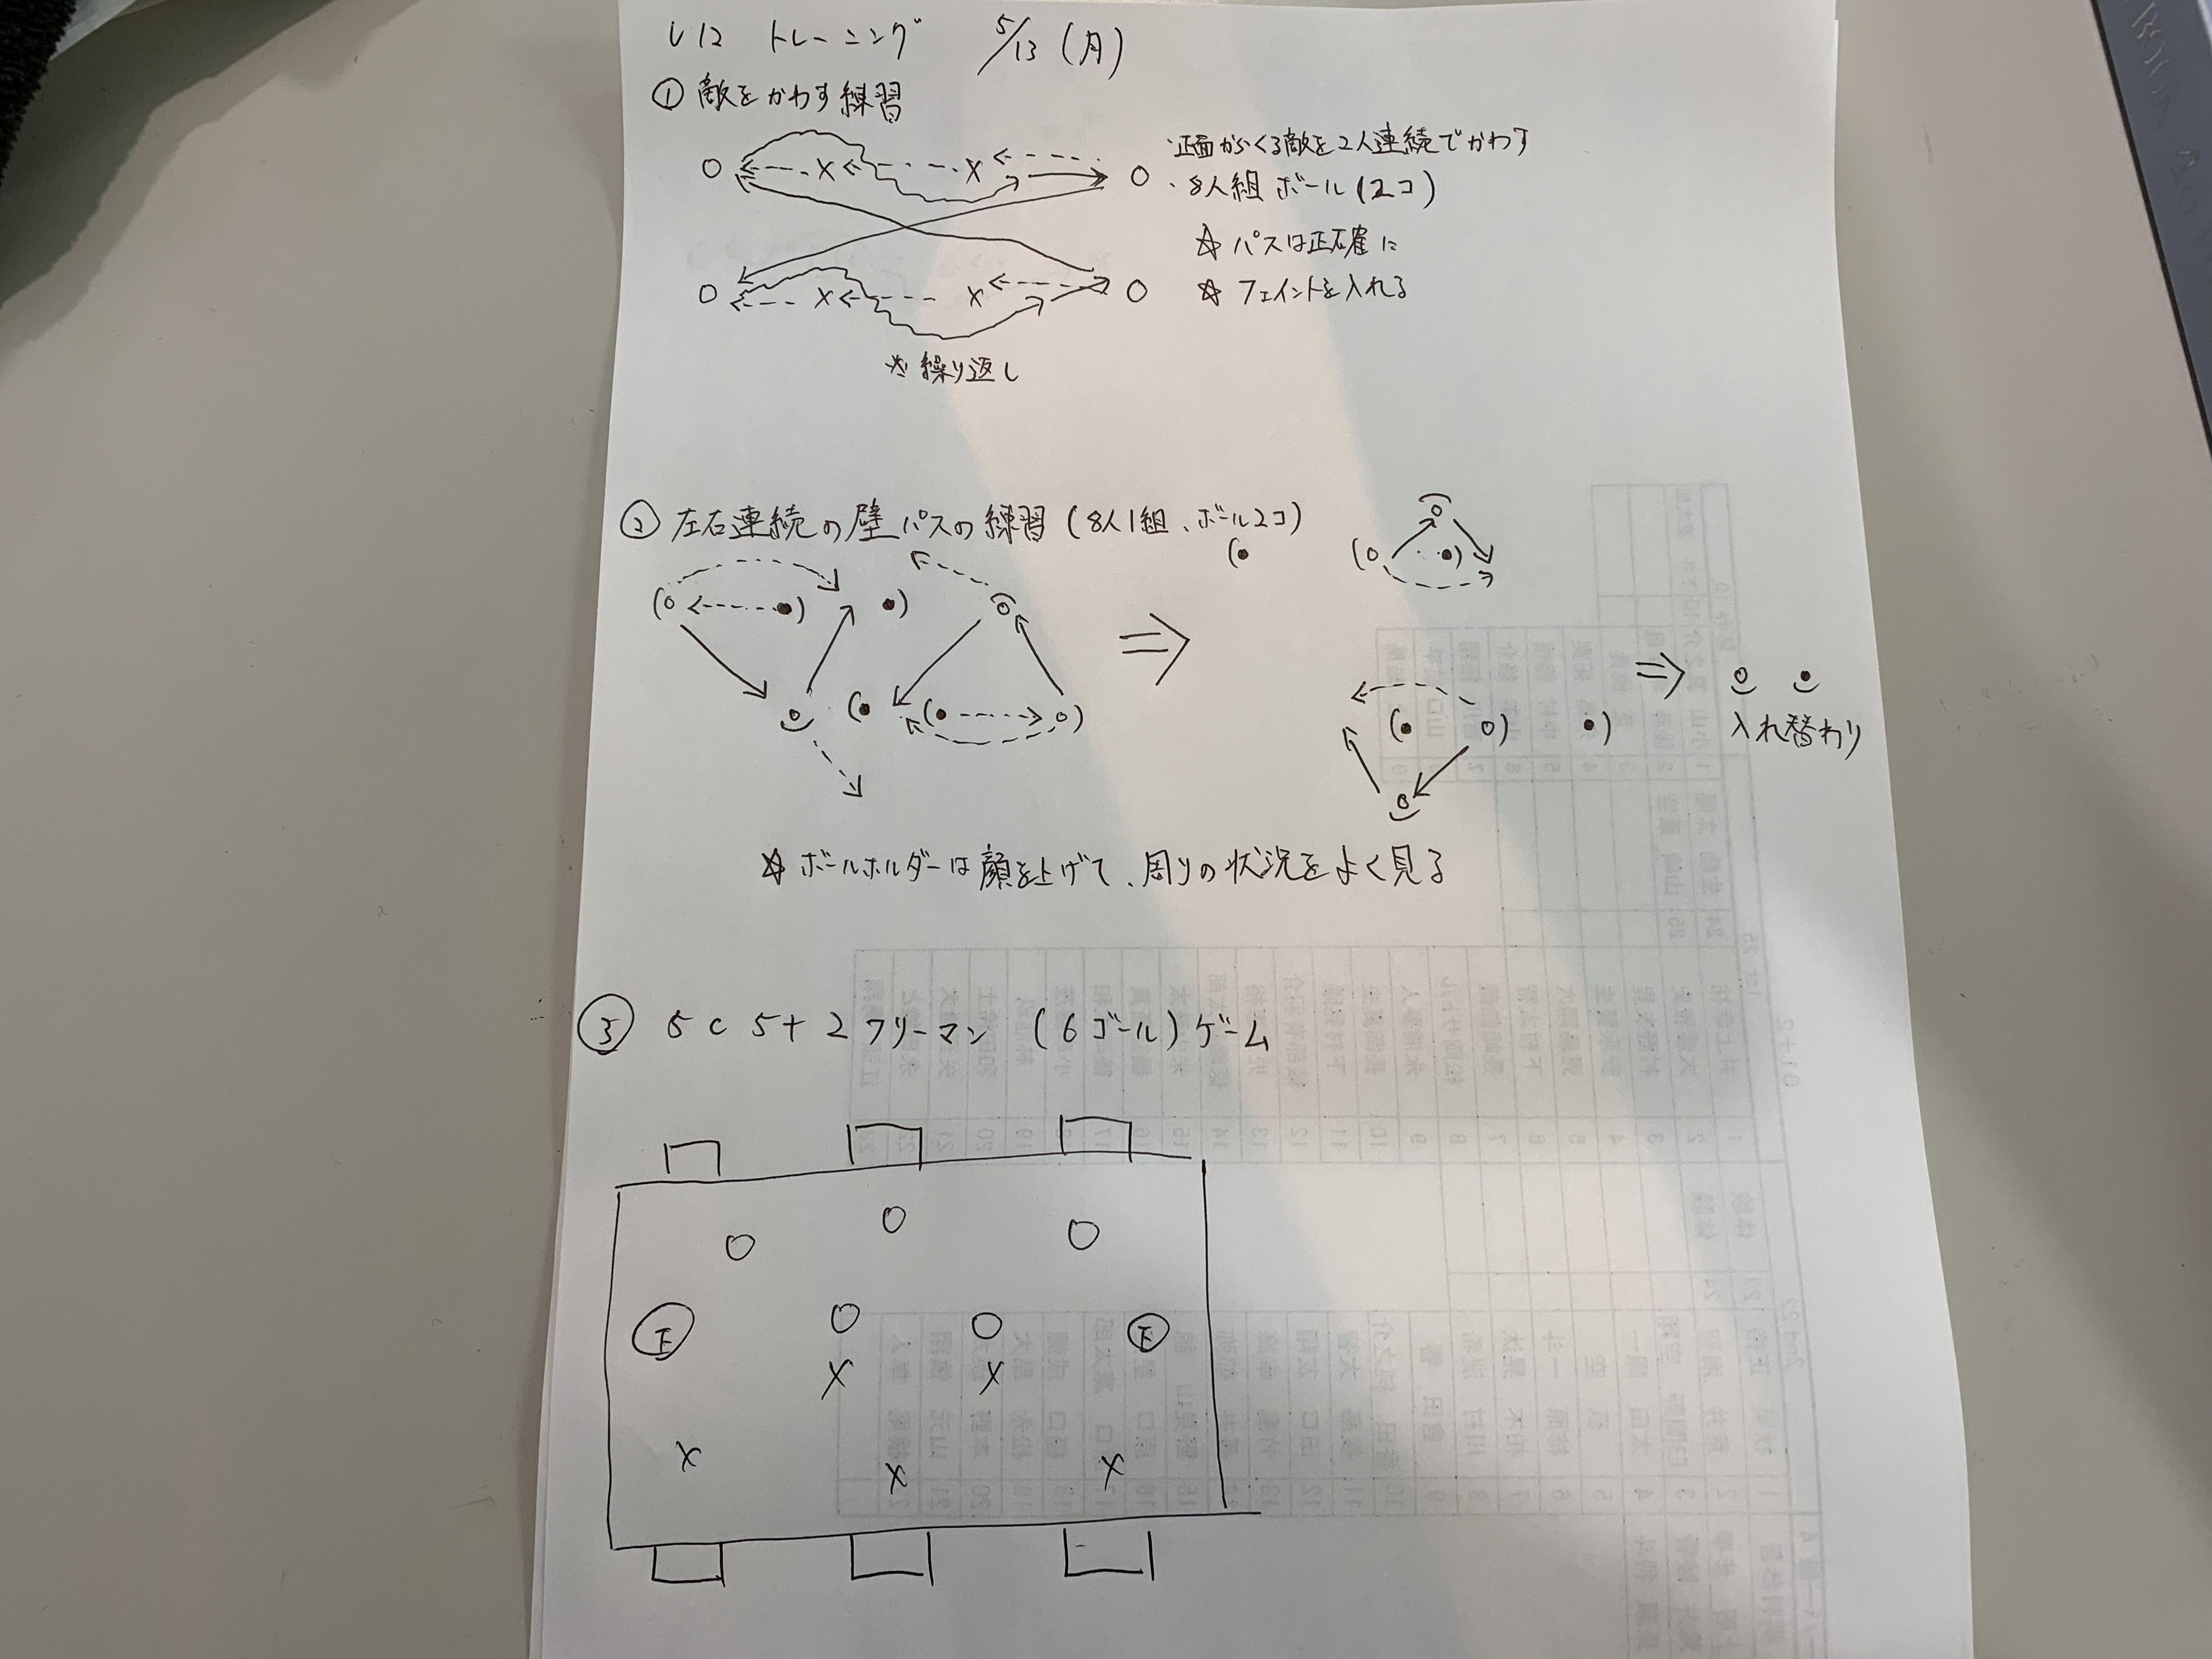 今日の練習メニュー 044 (6/17月)